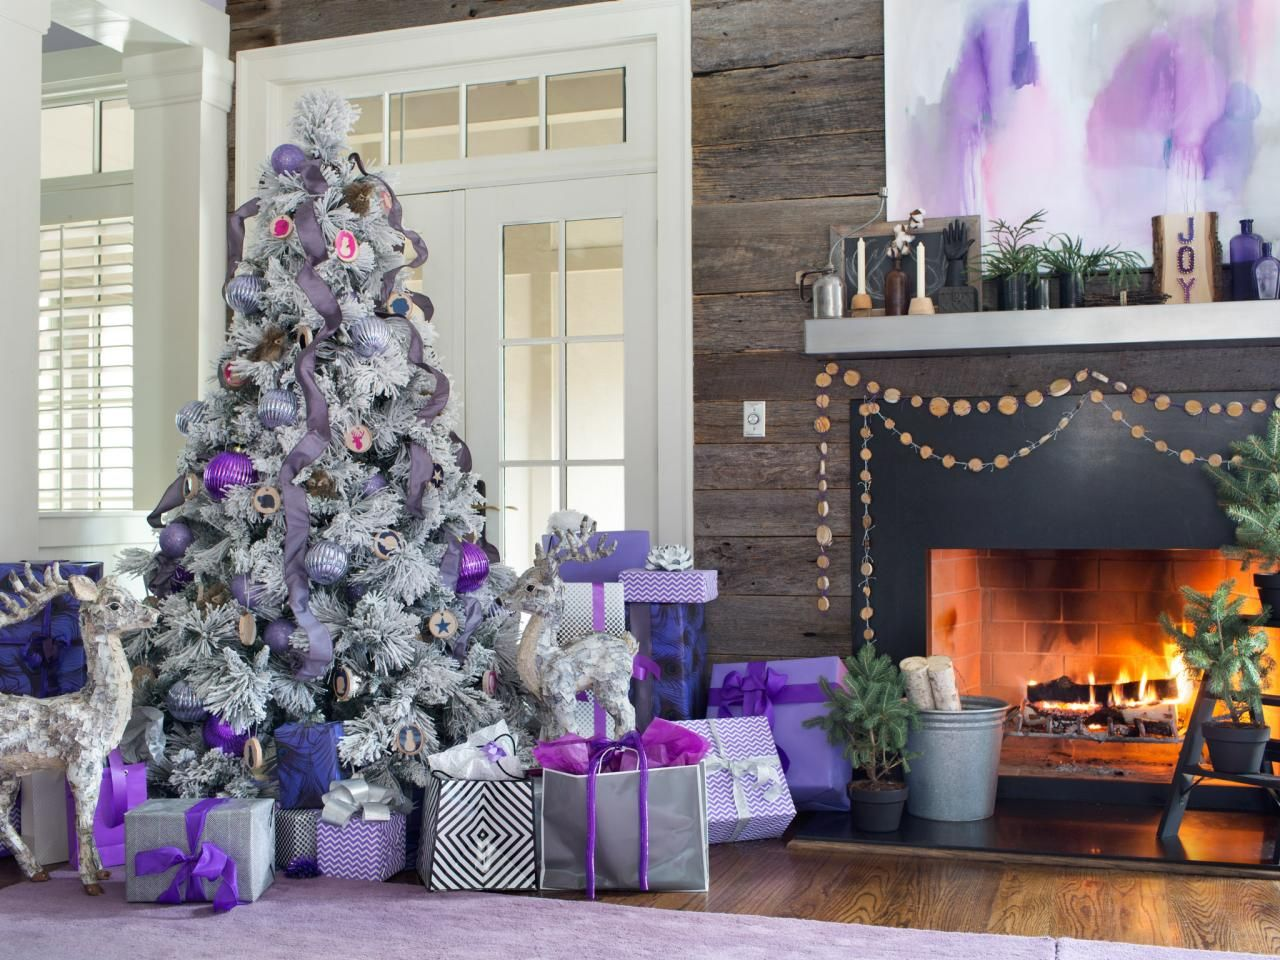 Kako biste zaštitili svoj dom, još prije Božića nabavite ova tri predmeta!